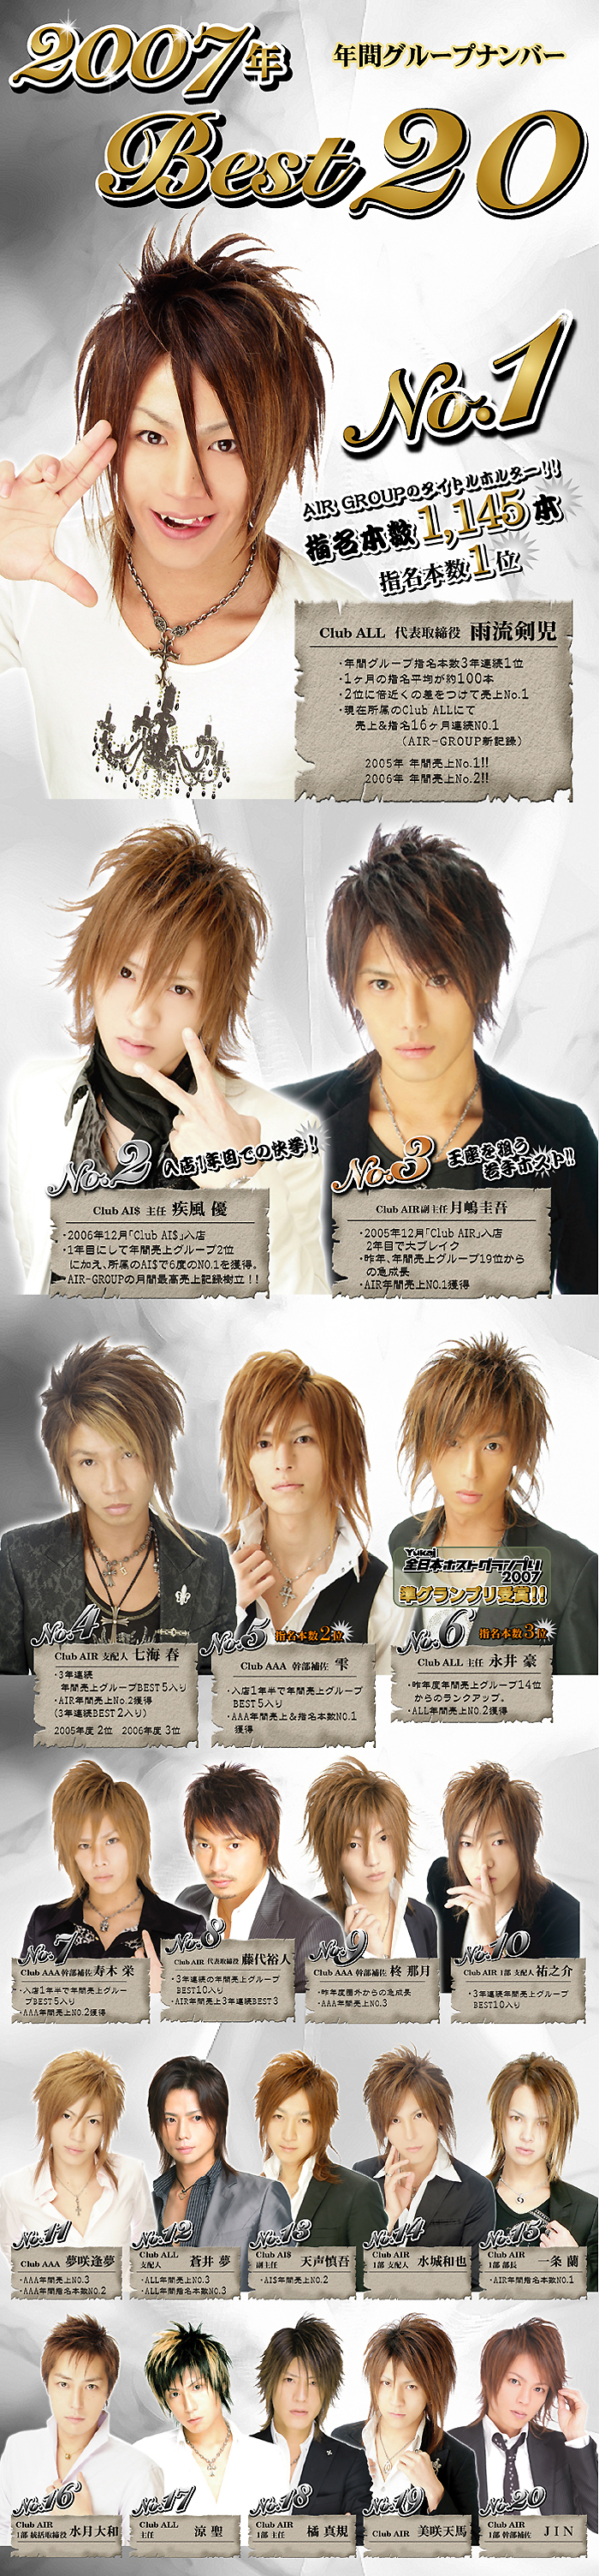 歌舞伎町のホストクラブエアーグループの2007年、グループナンバーです。